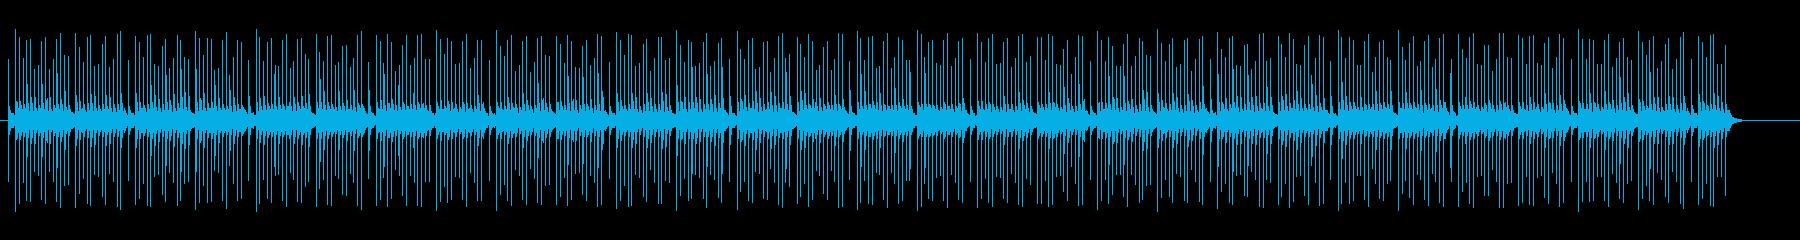 リズミカルなテンポの打楽器ミュージックの再生済みの波形